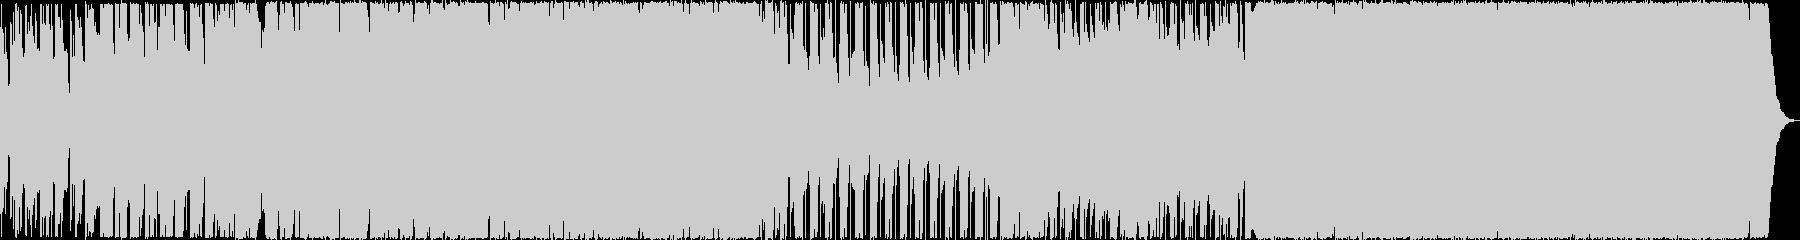 シリアスな和風オーケストラロックの未再生の波形